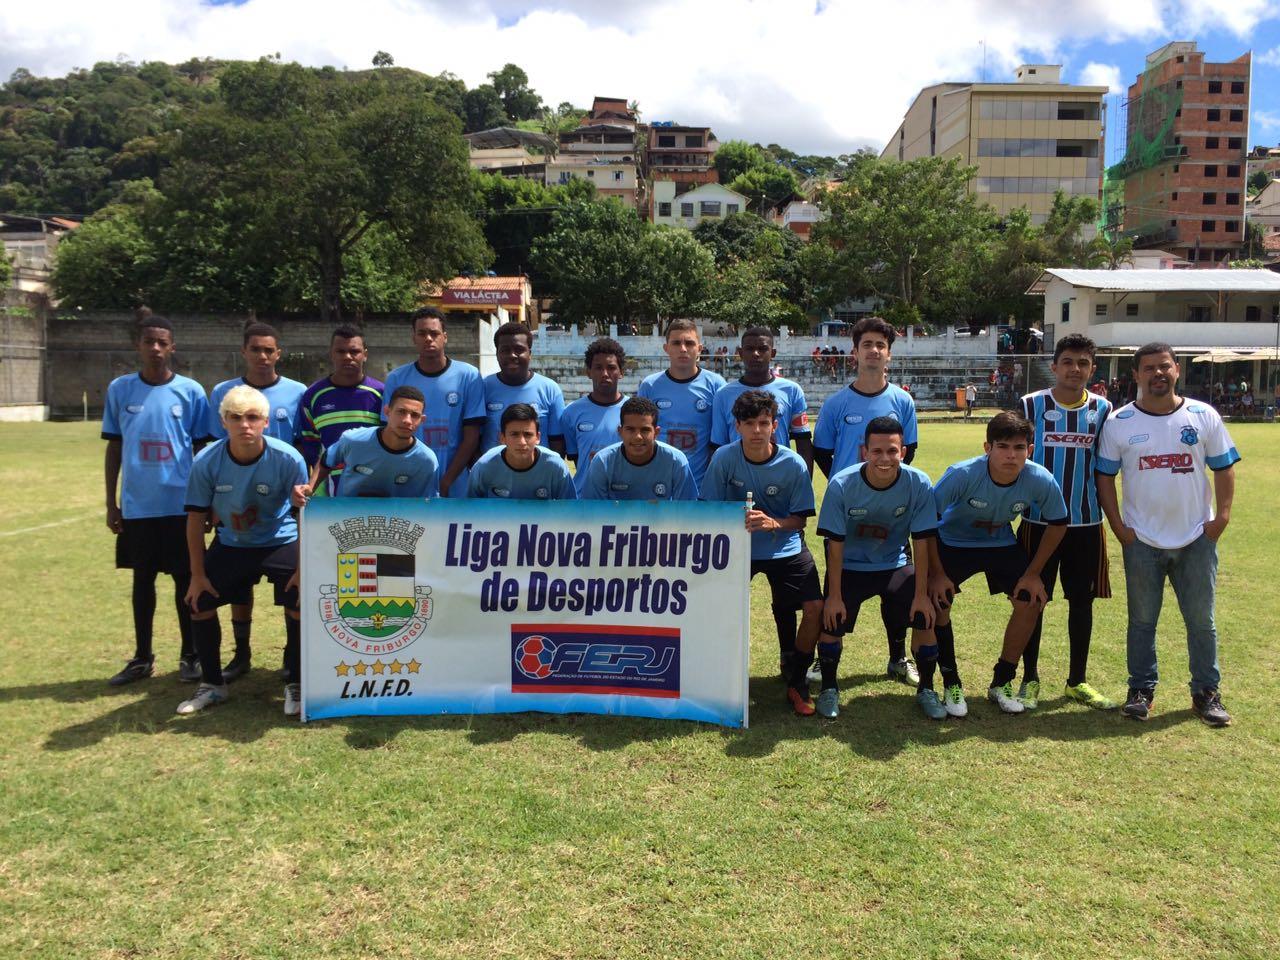 Grêmio começou bem o torneio, e lidera sua chave e a classificação geral